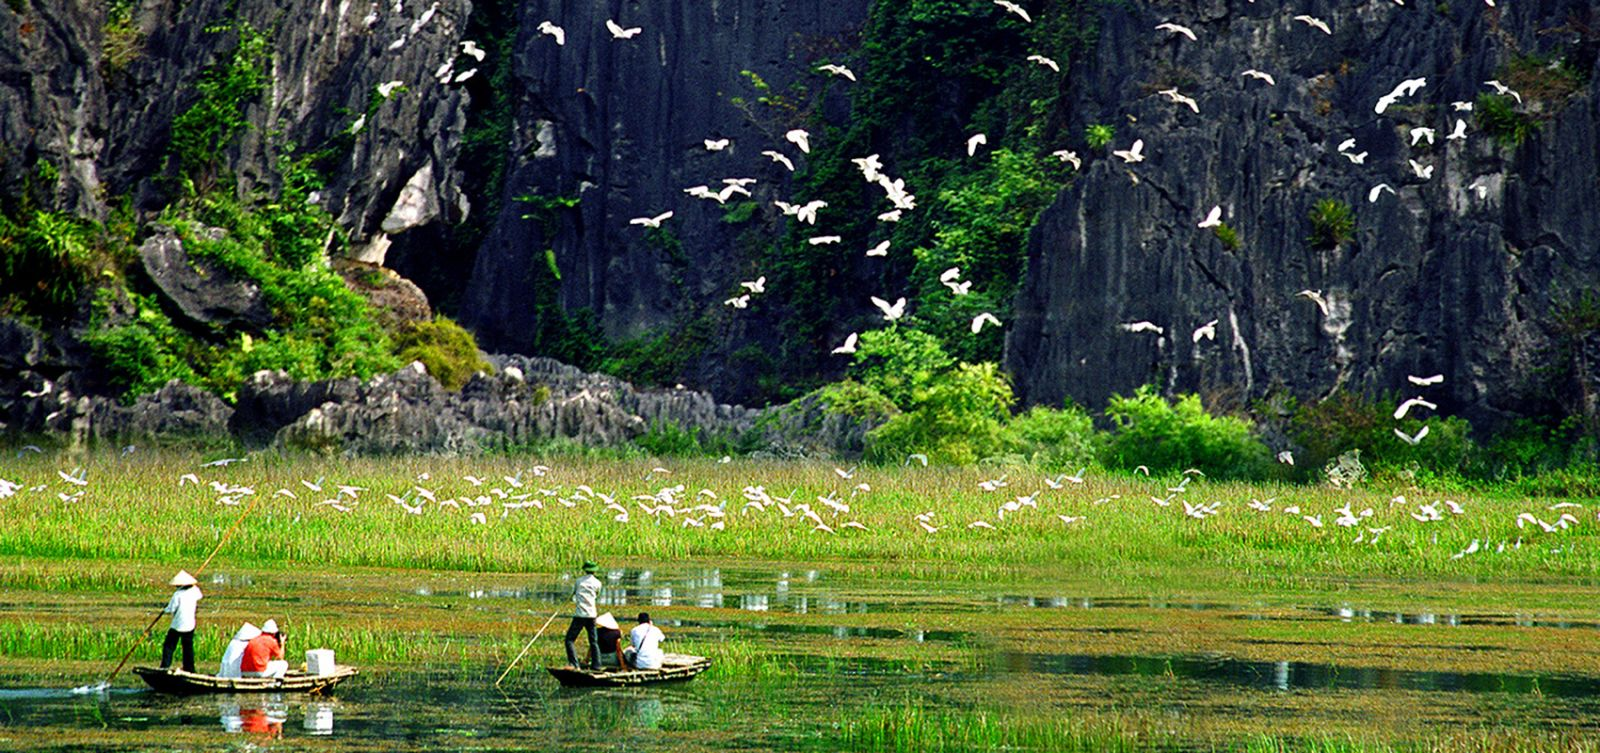 Halong Bay-Ninh Binh-Sapa 6D/5N